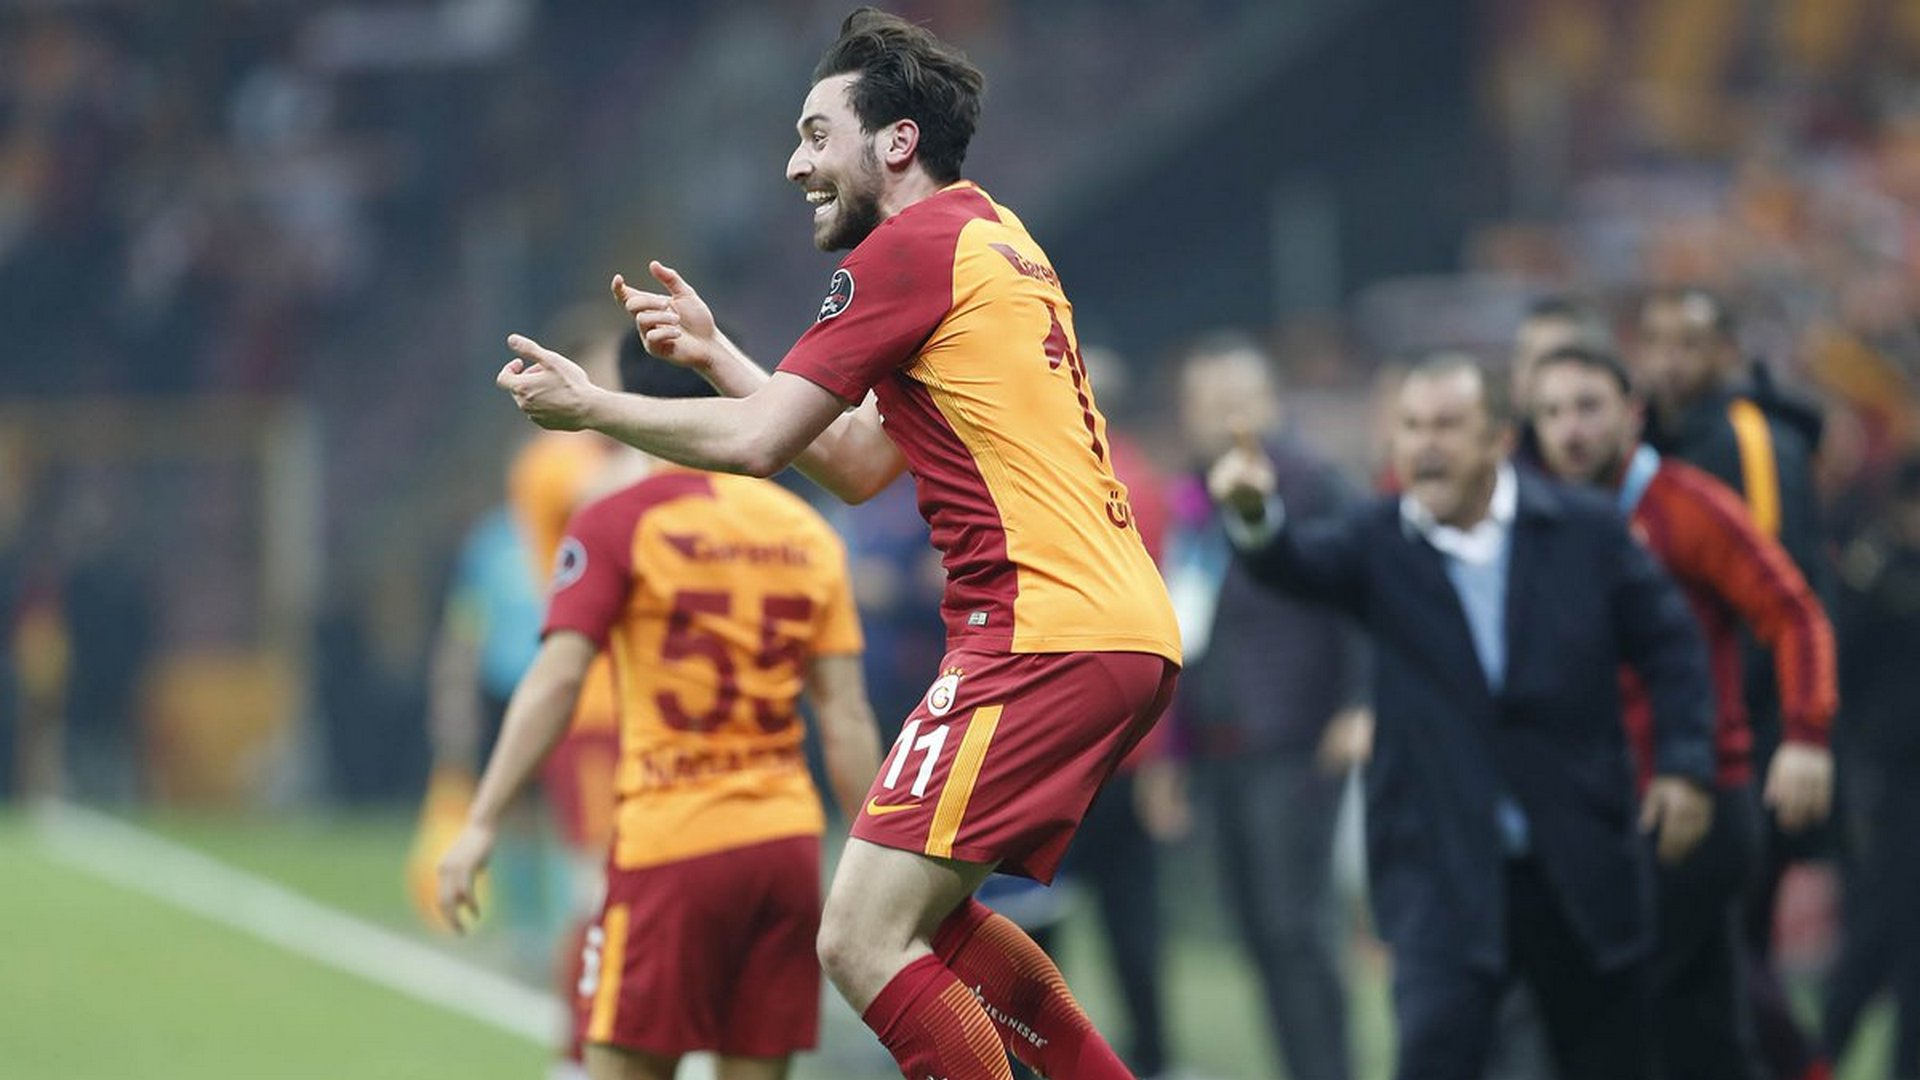 Sinan Gumus Galatasaray 3112018